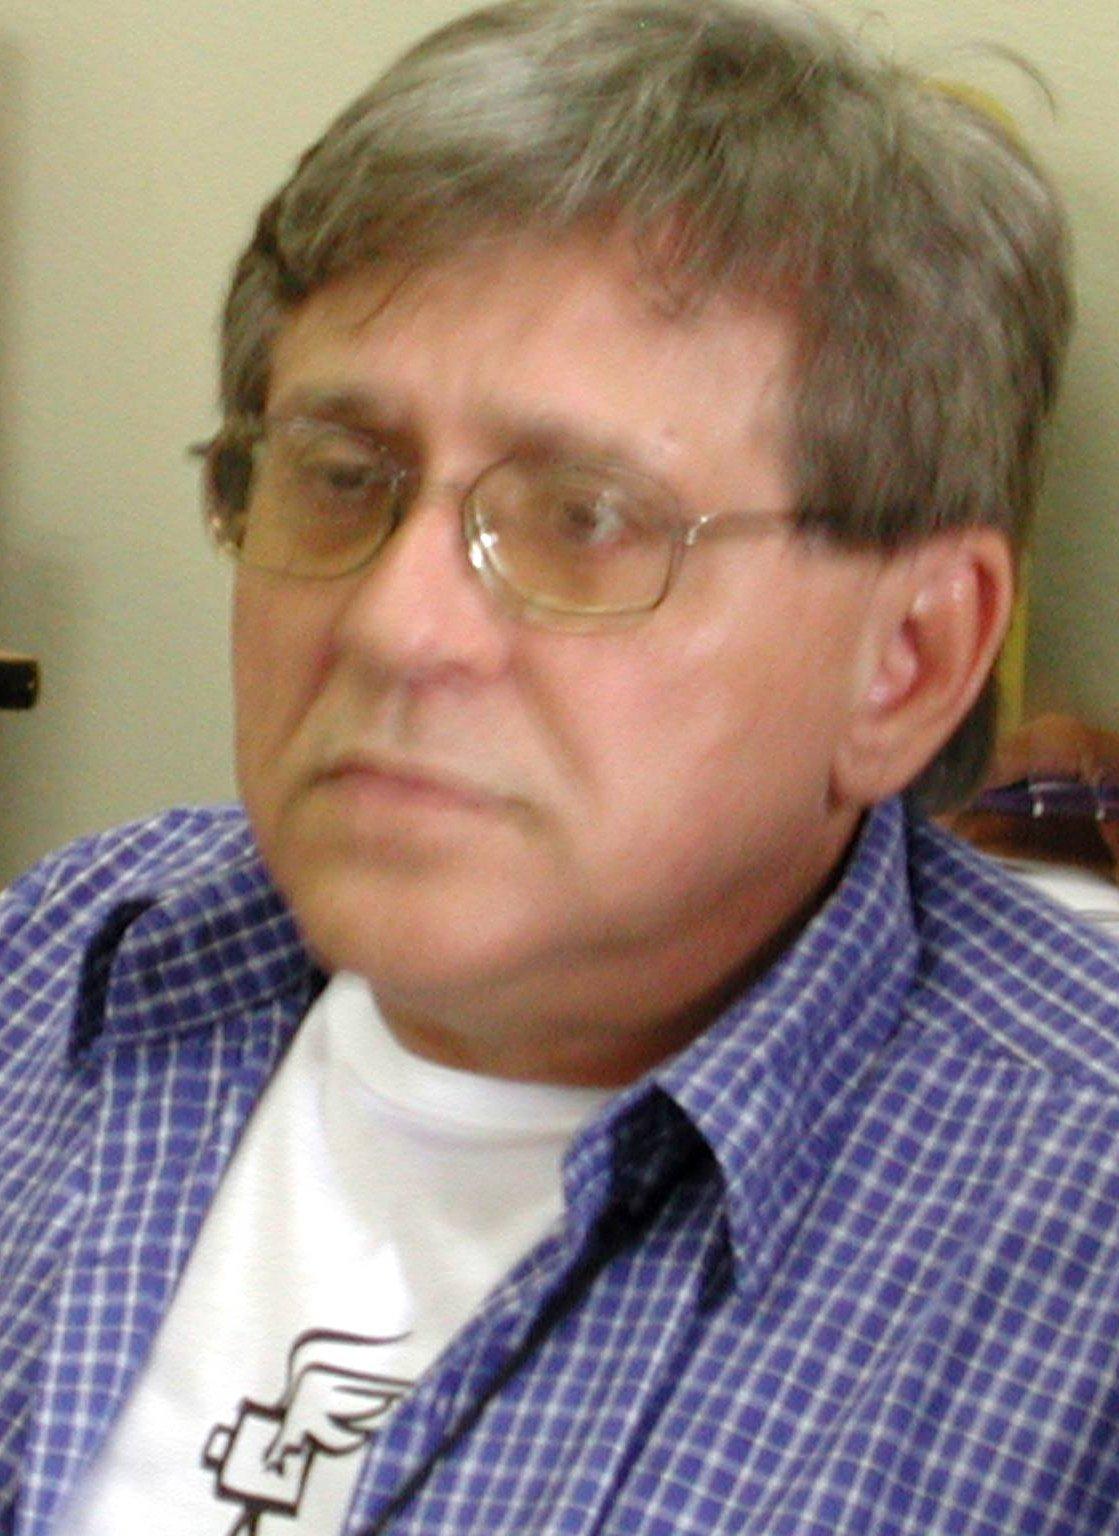 <a href='https://www.revelandoosbrasis.com.br/selecionado/antnio-de-noronha-pessoa-filho/'><img width='90' height='120' src='https://www.revelandoosbrasis.com.br/site/wp-content/uploads/2014/01/59-4c9219093a58a-90x121.jpg' alt='foto usuário' class='Left' /></a><h3>BALANDÊ/BAIÃO</h3><h3><a href='https://www.revelandoosbrasis.com.br/selecionado/antnio-de-noronha-pessoa-filho/'>Antônio de Noronha Pessoa Filho</a></h3><h4>Monsenhor Gil - Piauí</h4>Médico